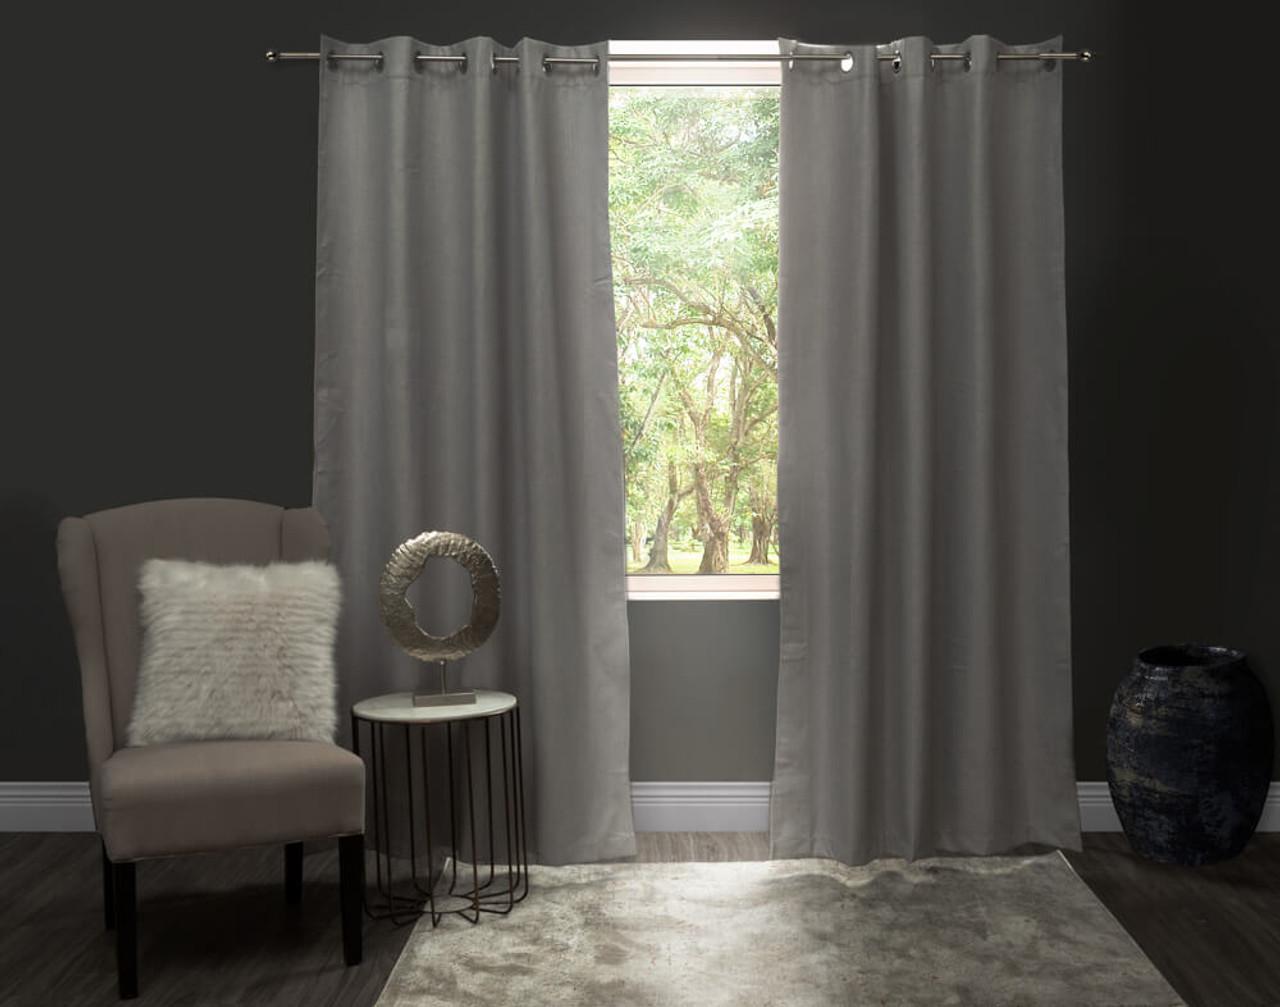 Linen Look Blackout Drapery Panel in Silver against window.